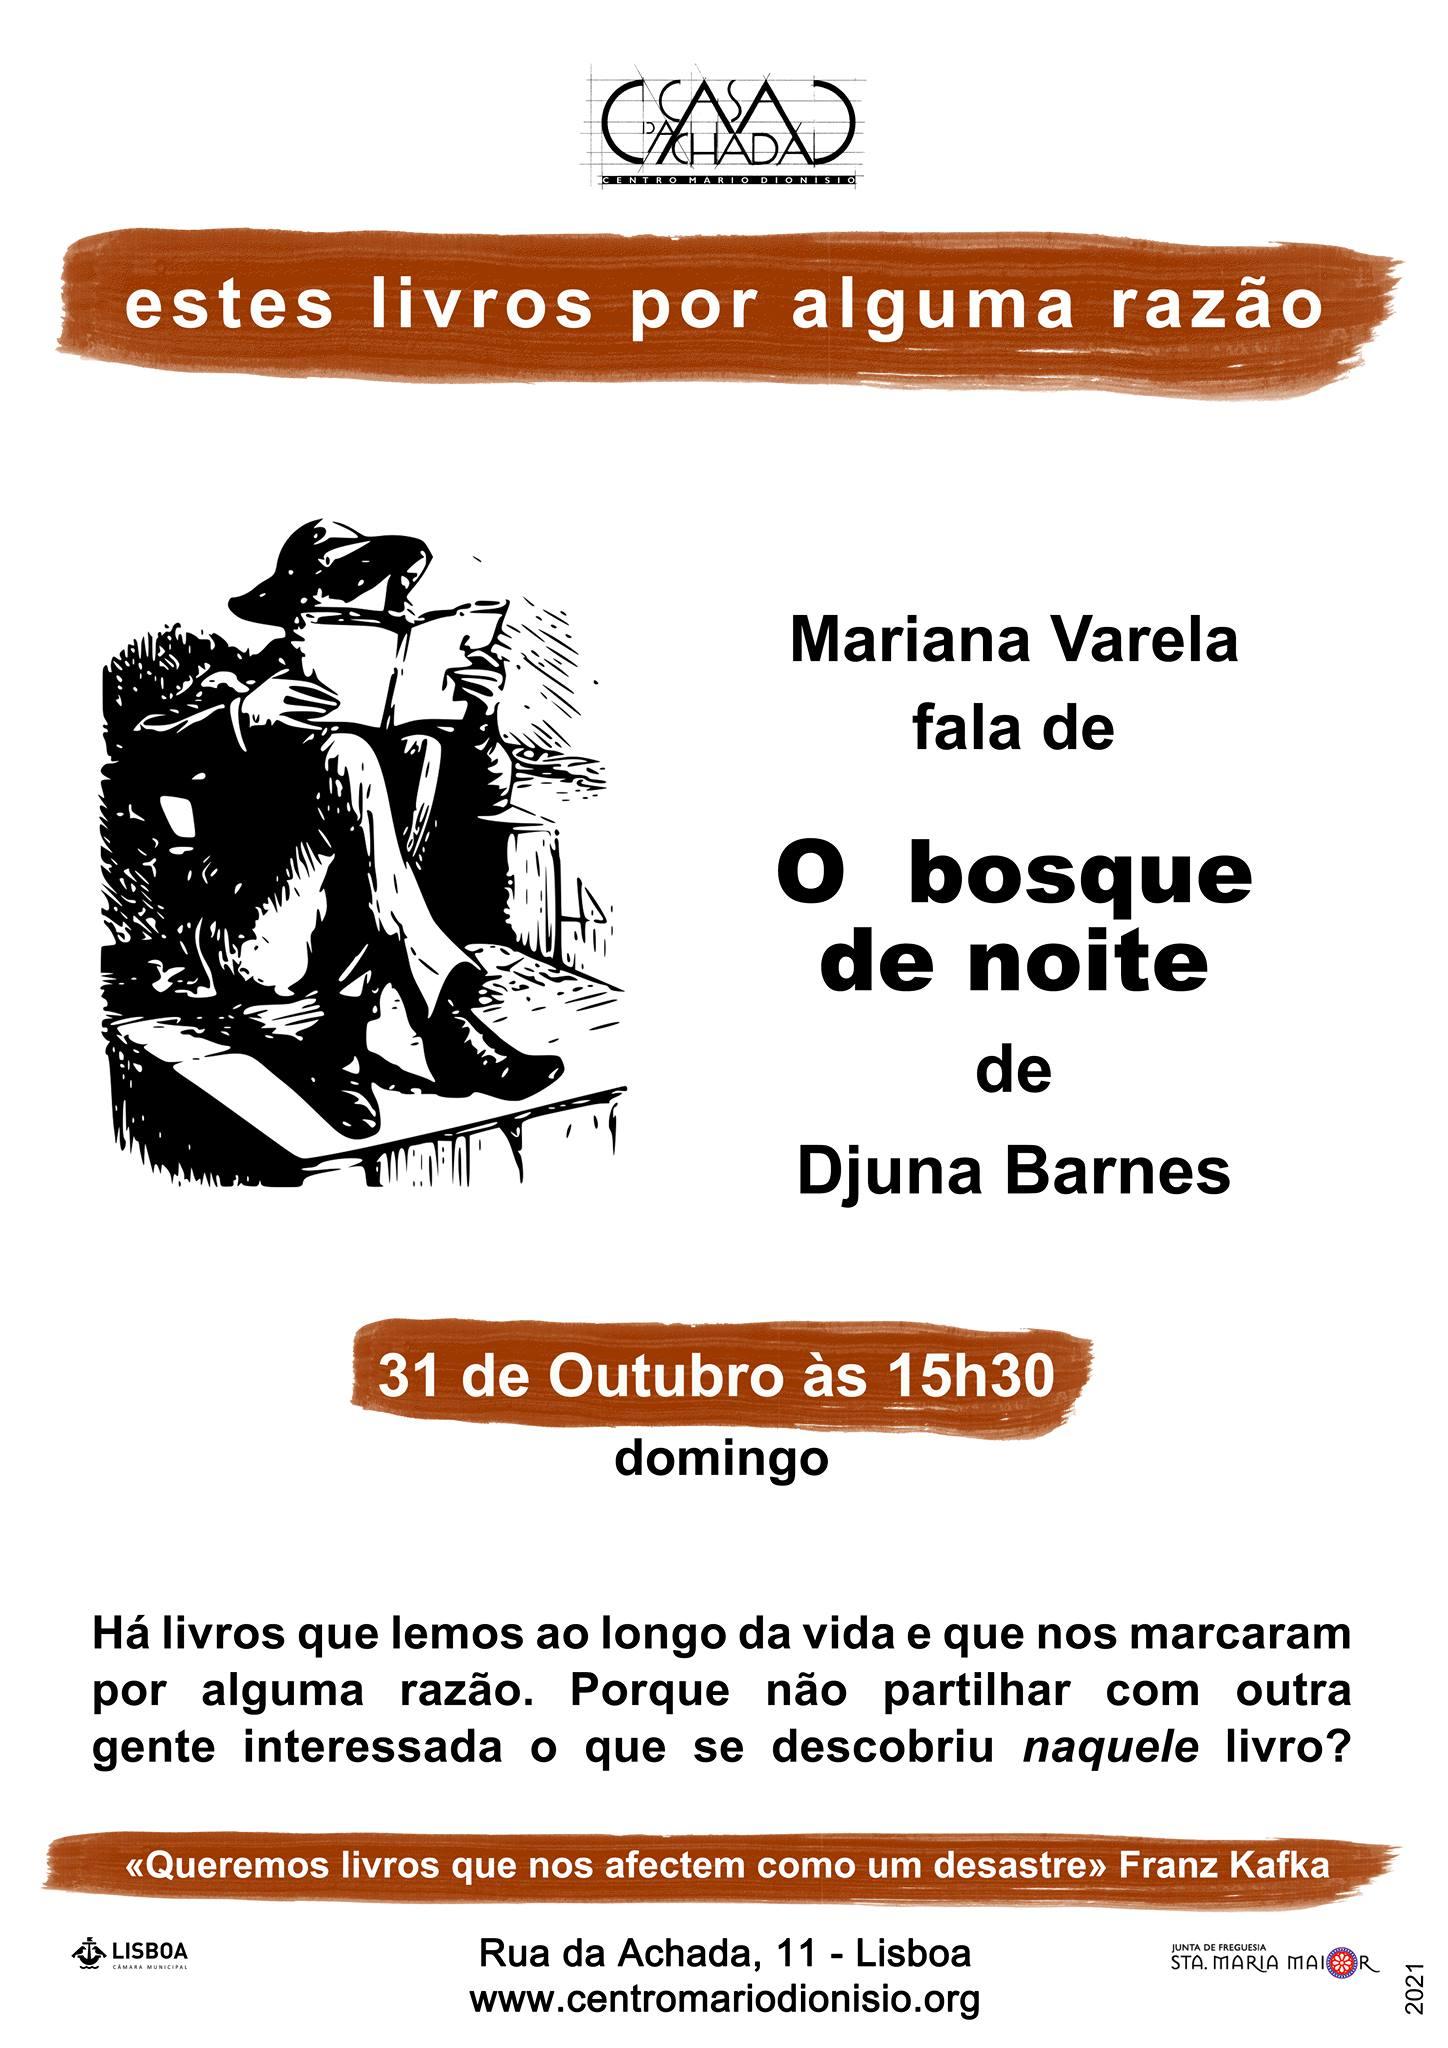 Estes livros por alguma razão: Mariana Varela fala de «Bosque da Noite» de Djuna Barnes